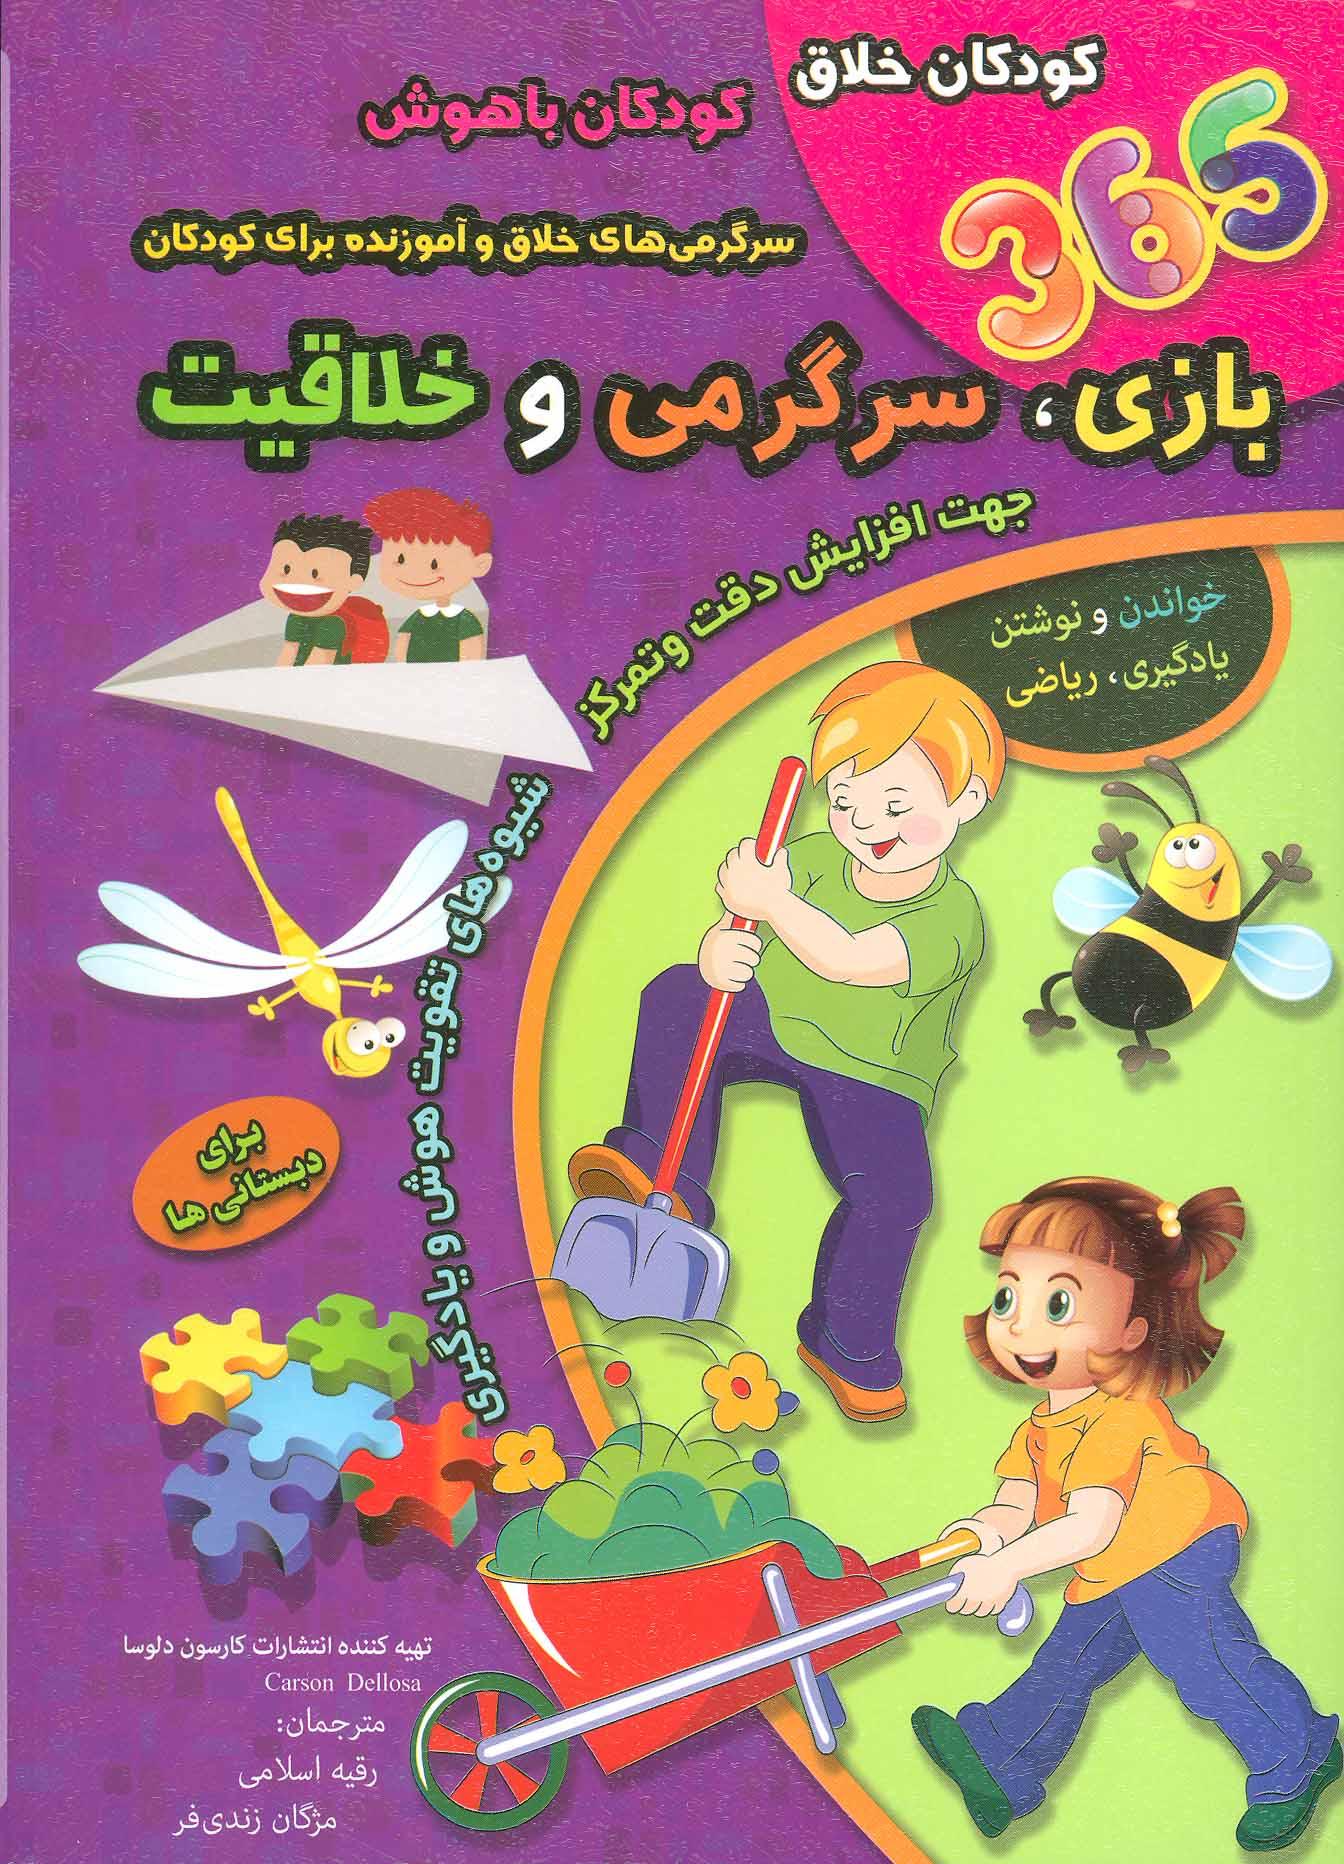 کتاب ۳۶۵ بازی، سرگرمی و خلاقیت